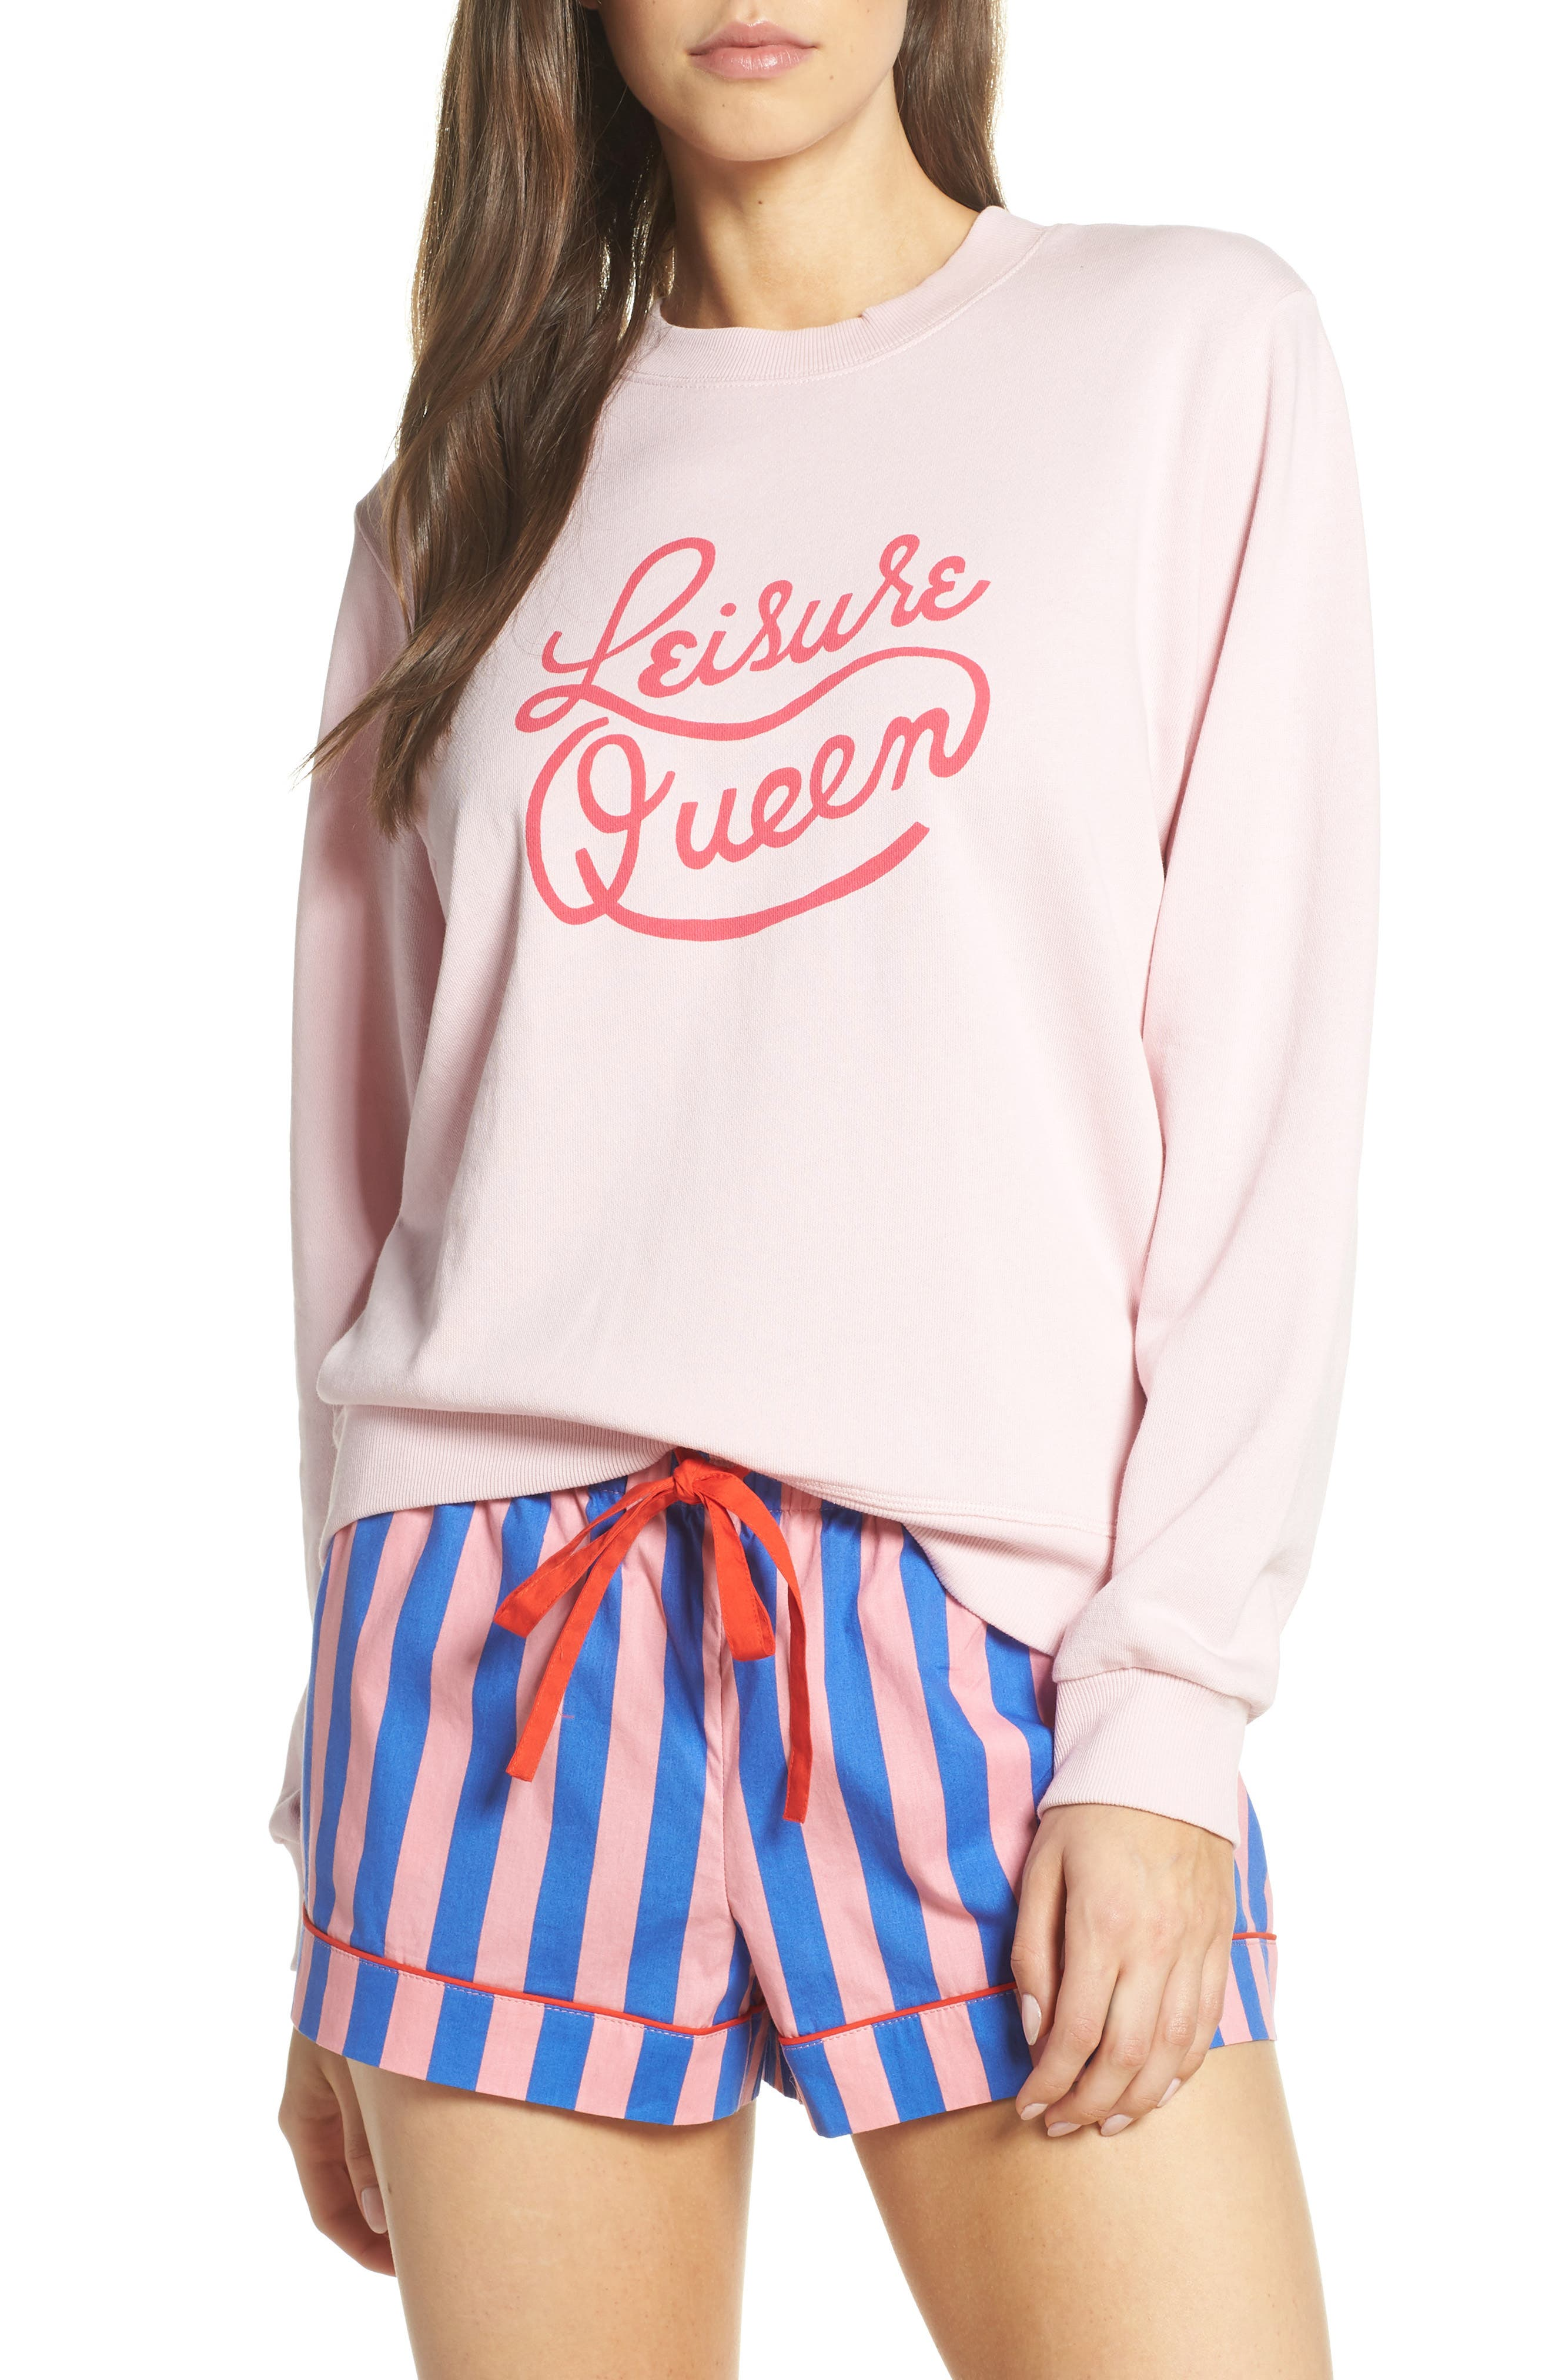 Ban. do Leisure Queen Sweatshirt, Pink